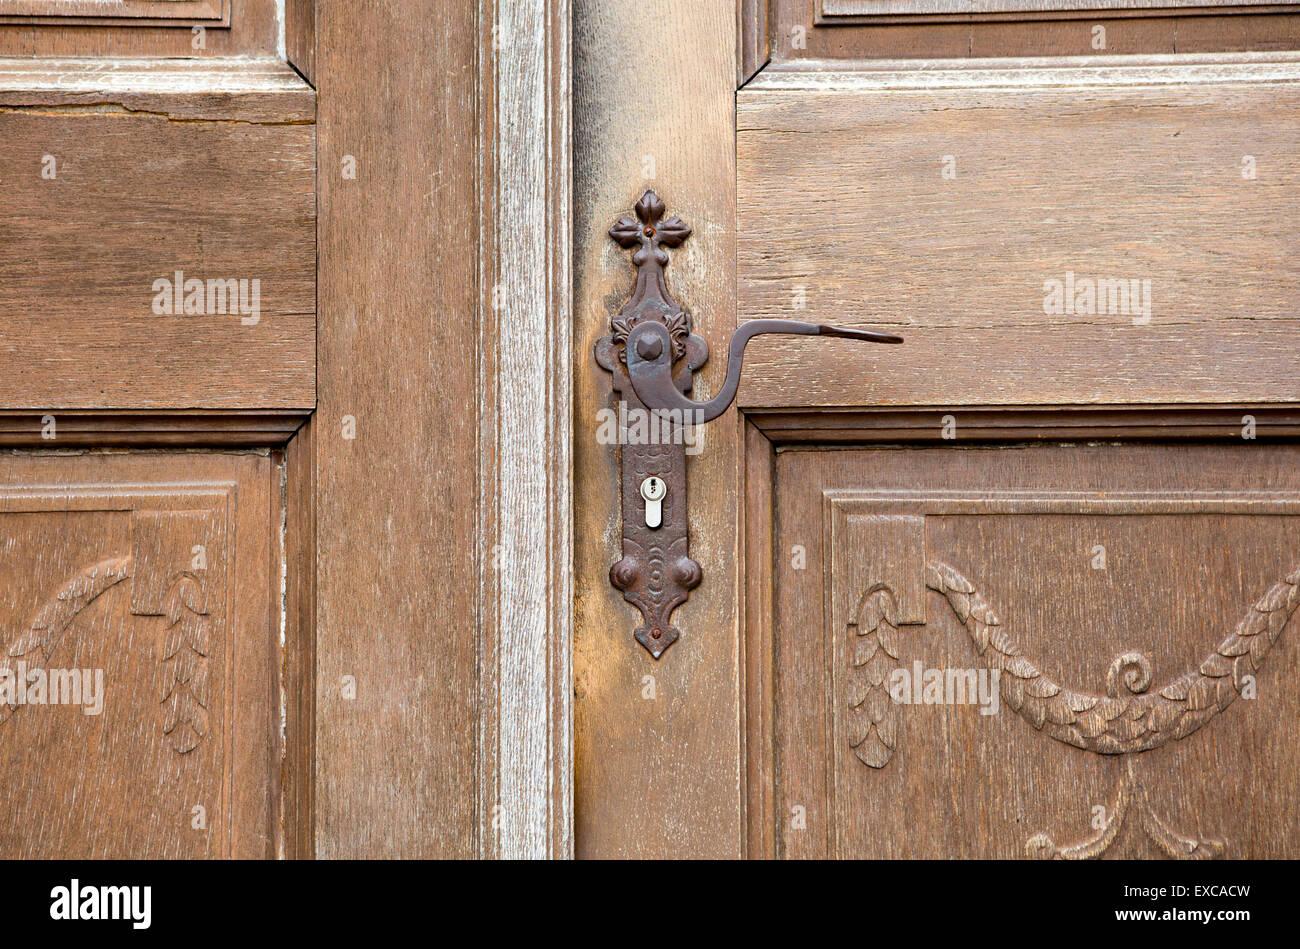 Old Wooden Entrance Door With Antique Door Handle And Modern Lock